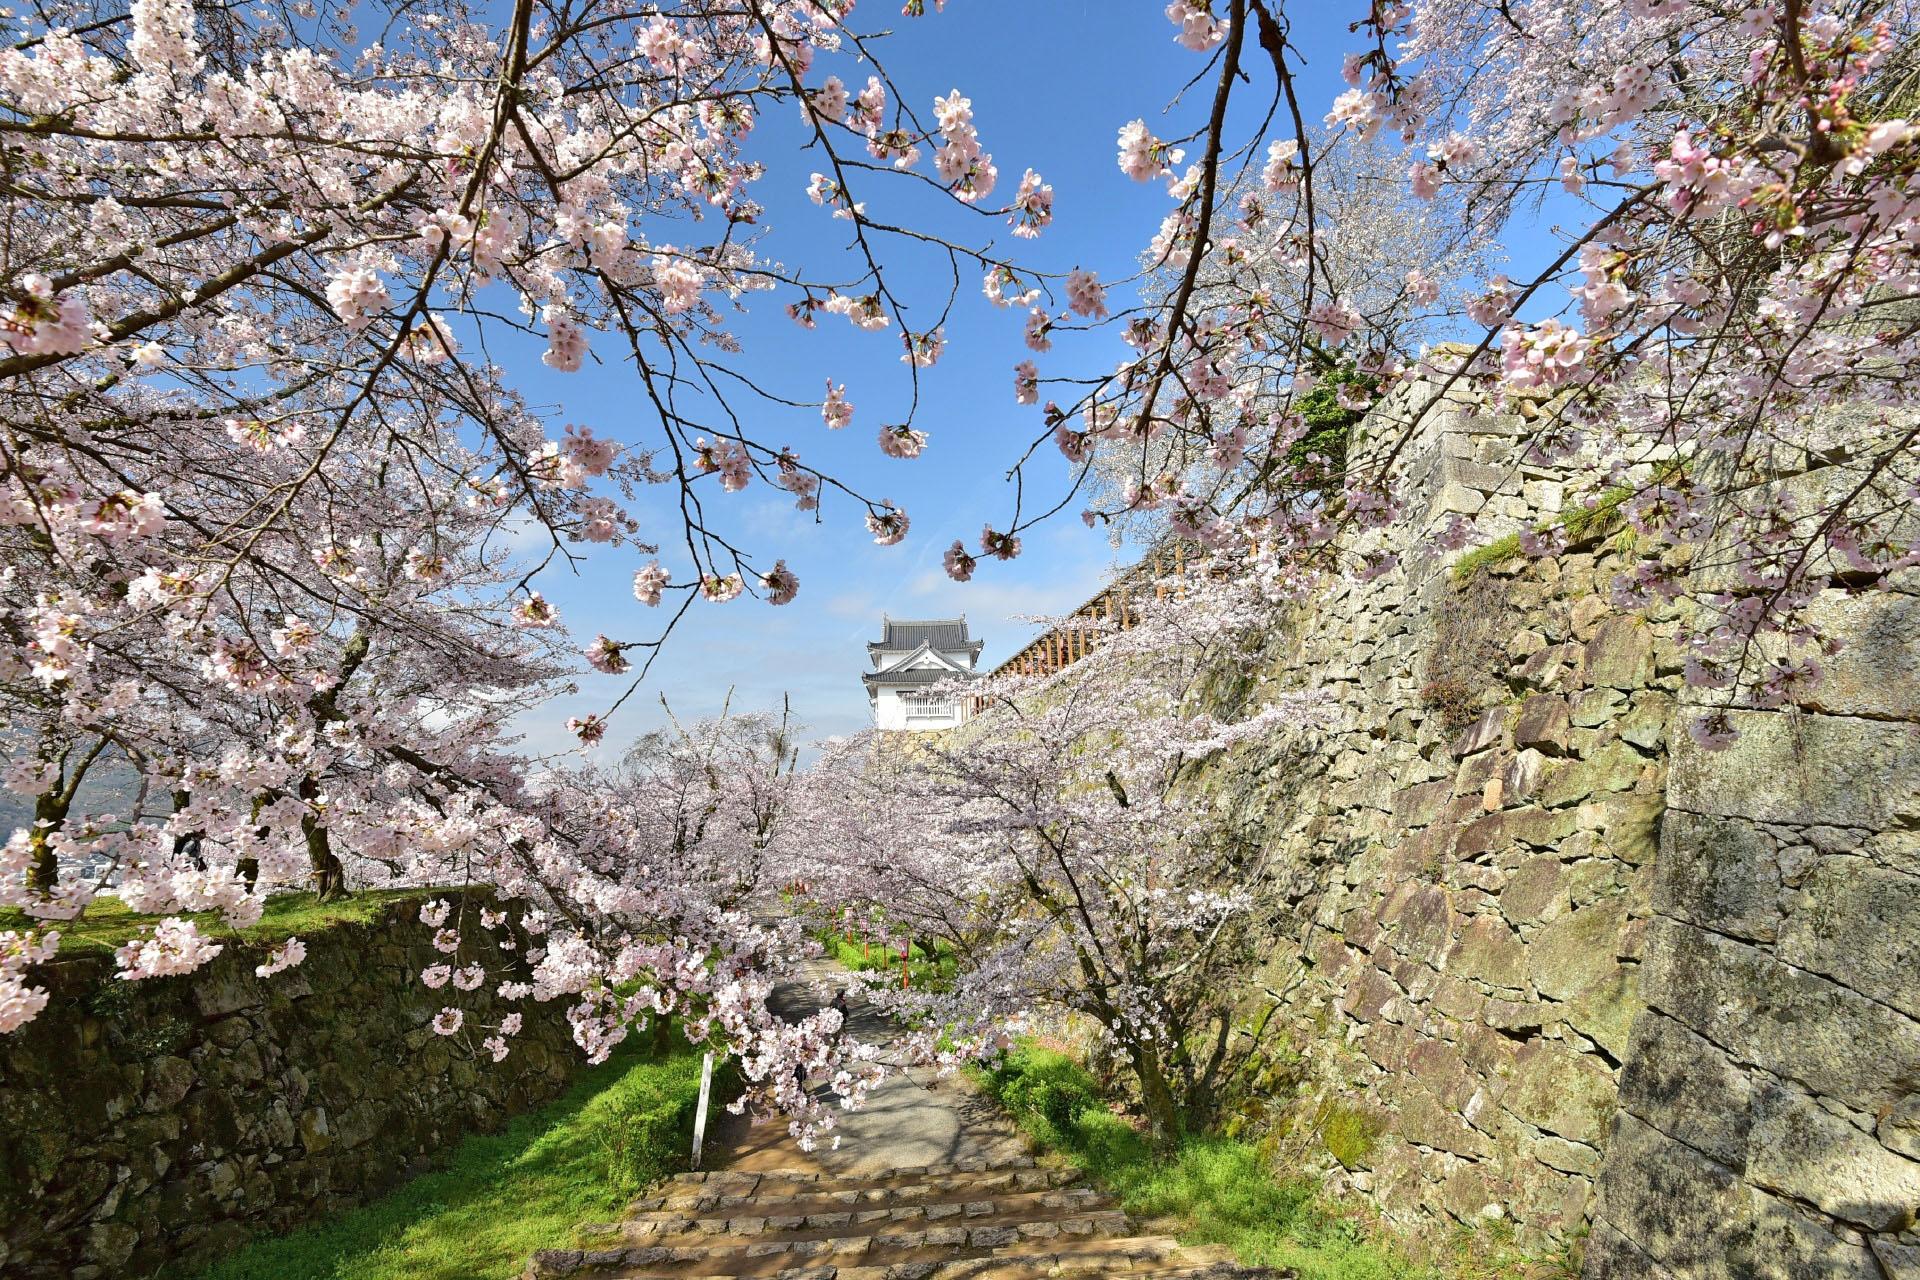 桜と津山城の風景 岡山の風景